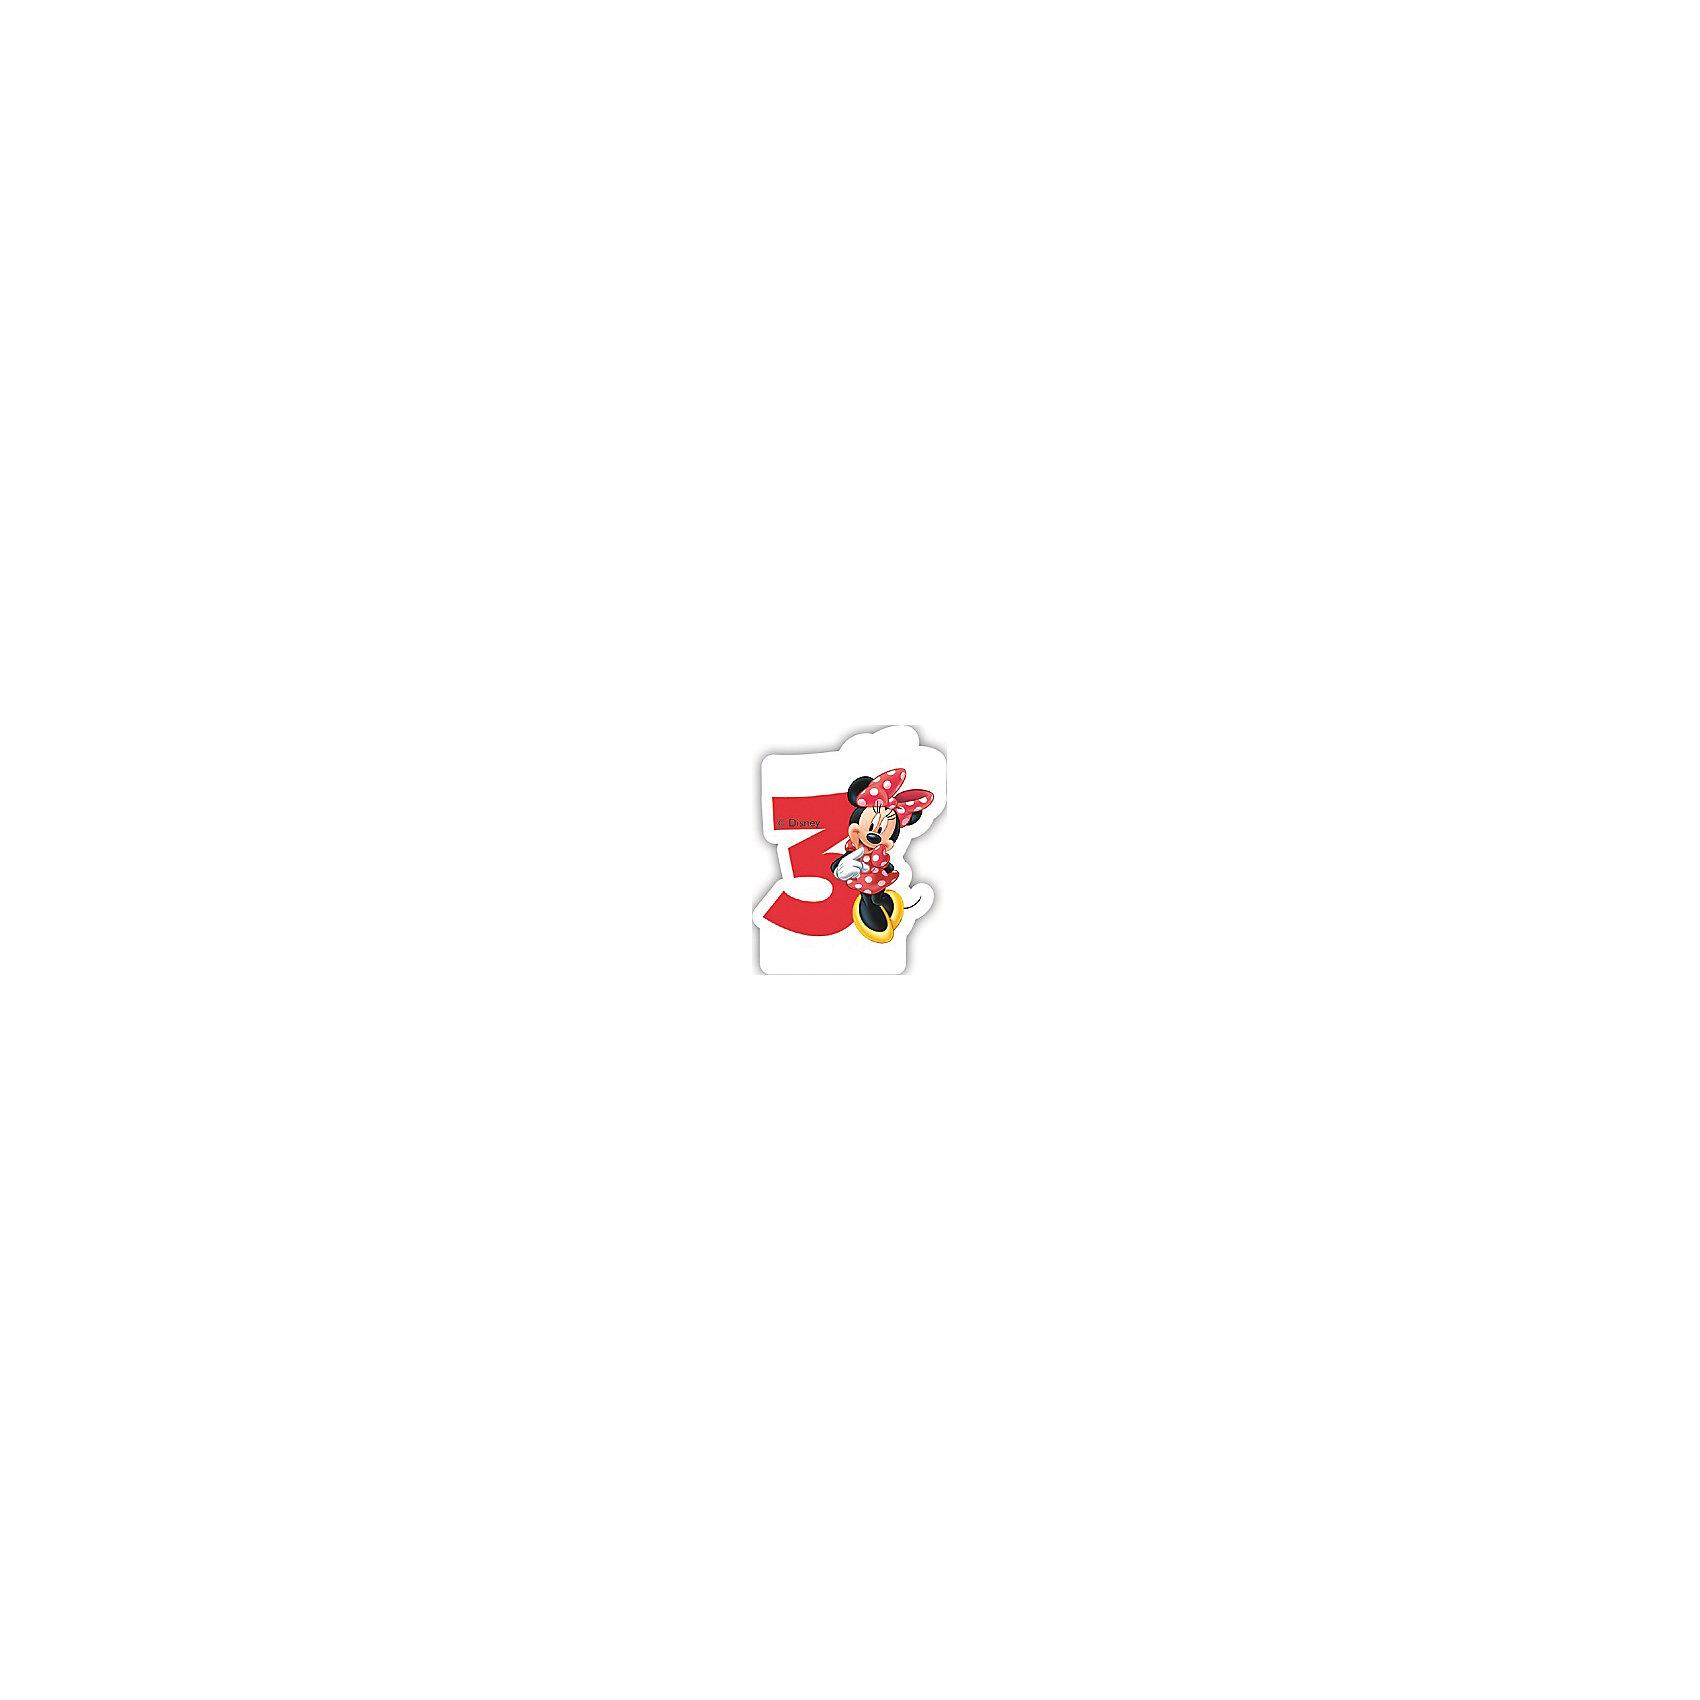 Объемная свечка Кафе Минни 3 годаОбъемная свечка Кафе Минни,  украсит праздничный торт Вашей малышки на ее 3-летие. Свечка выполнена в форме цифры 3 с фигуркой веселой мышки Минни из популярных диснеевских мультфильмов о мышонке Микки-Маусе и его друзьях. Яркая оригинальная свечка создаст волшебную атмосферу и уют на любимом детском празднике.<br><br>Дополнительная информация:<br><br>- Материал: парафин. <br>- Размер: 2,6 х 8,8 х 13 см.<br>- Вес: 150 гр. <br><br>Объемную свечку Кафе Минни 3 года можно купить в нашем интернет-магазине.<br><br>Ширина мм: 26<br>Глубина мм: 88<br>Высота мм: 130<br>Вес г: 150<br>Возраст от месяцев: 36<br>Возраст до месяцев: 168<br>Пол: Женский<br>Возраст: Детский<br>SKU: 4008409